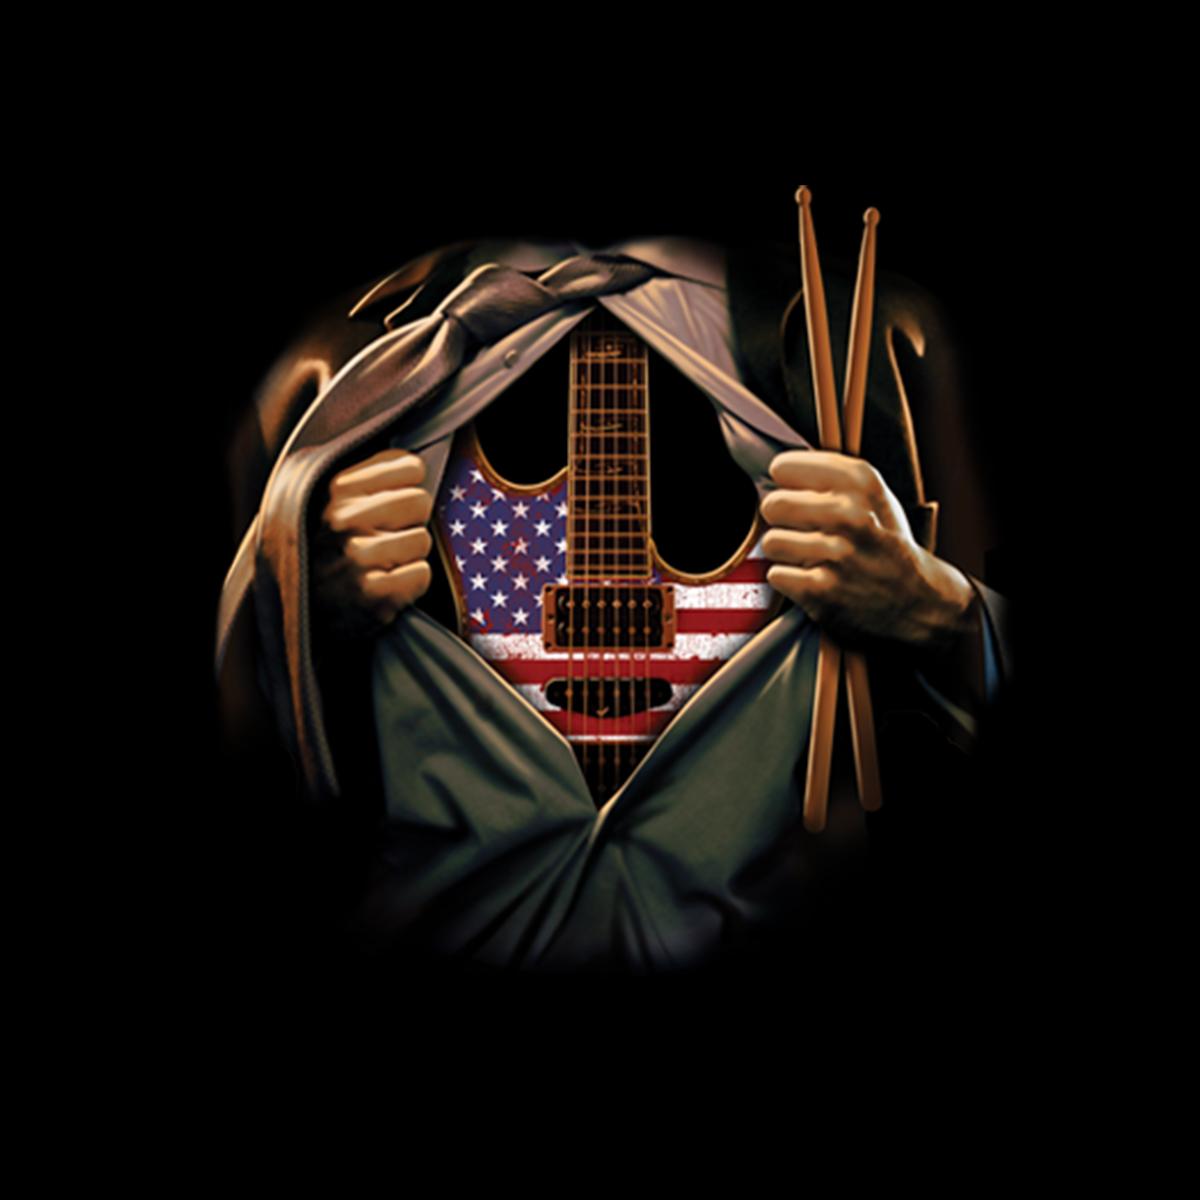 Musikseele Gitarre Trommelstöcke Damen T-shirt S-3XL Neu